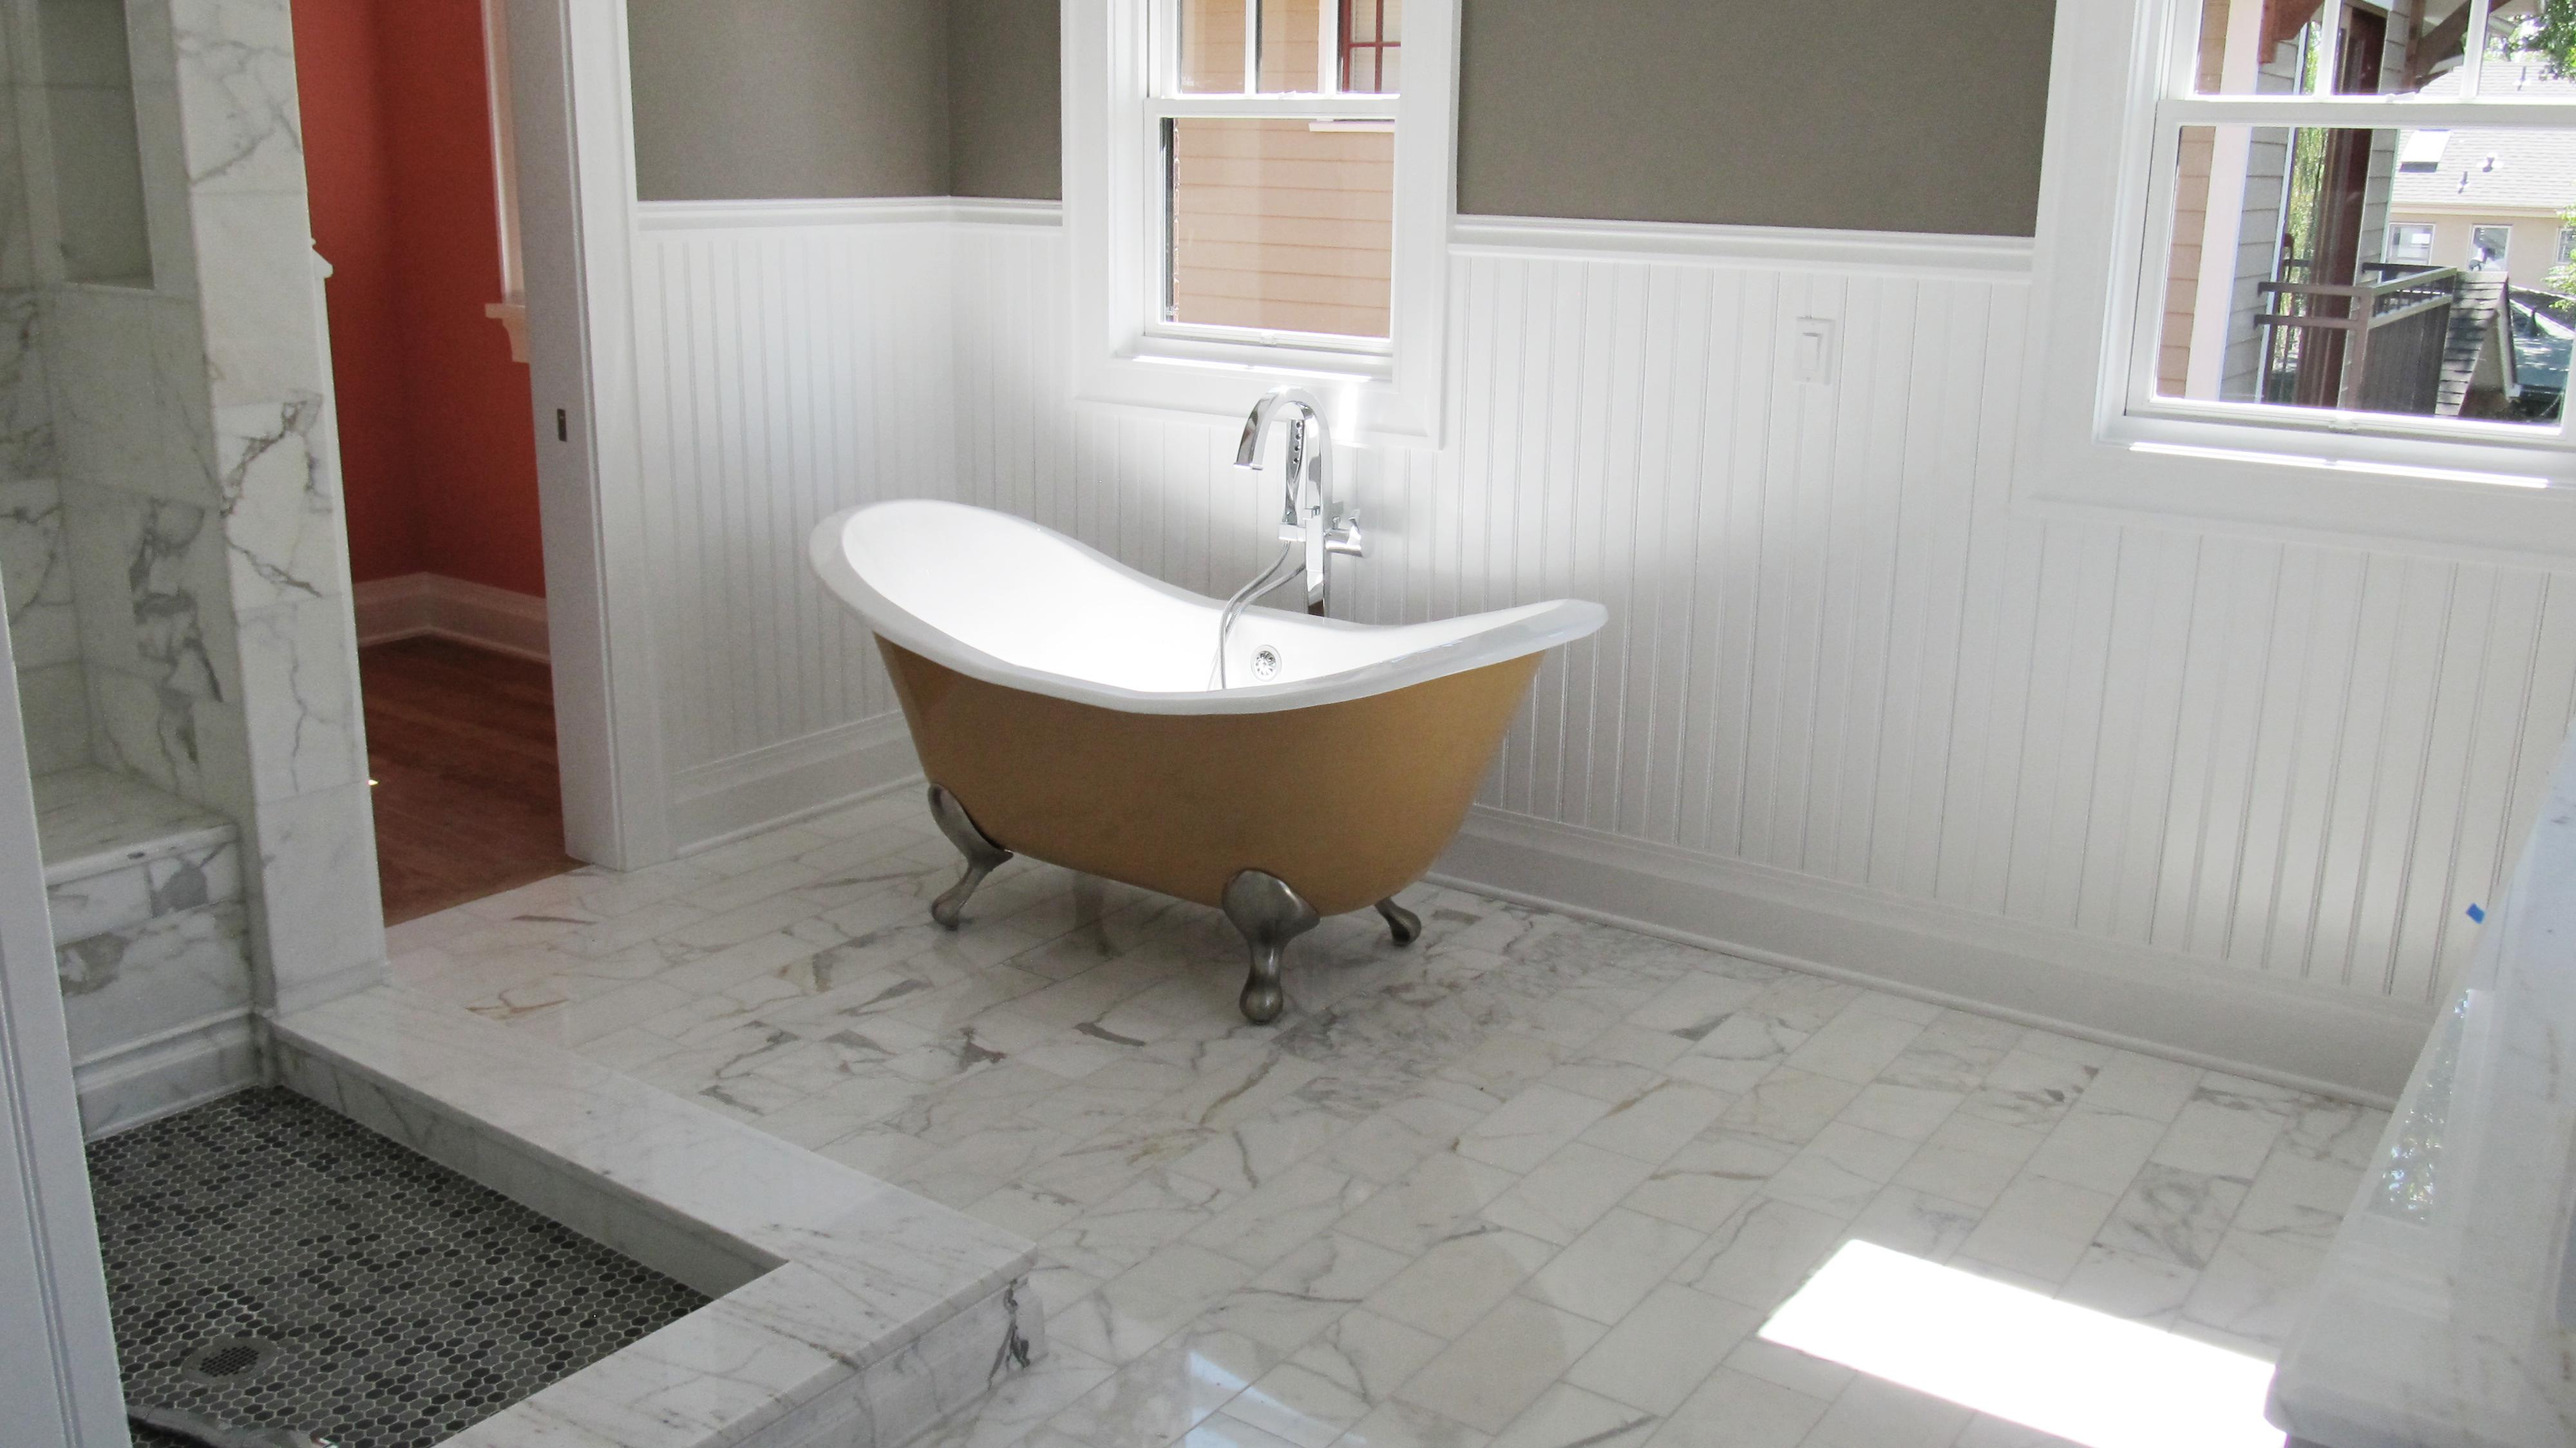 Wainscot bathroom pictures - 016 2